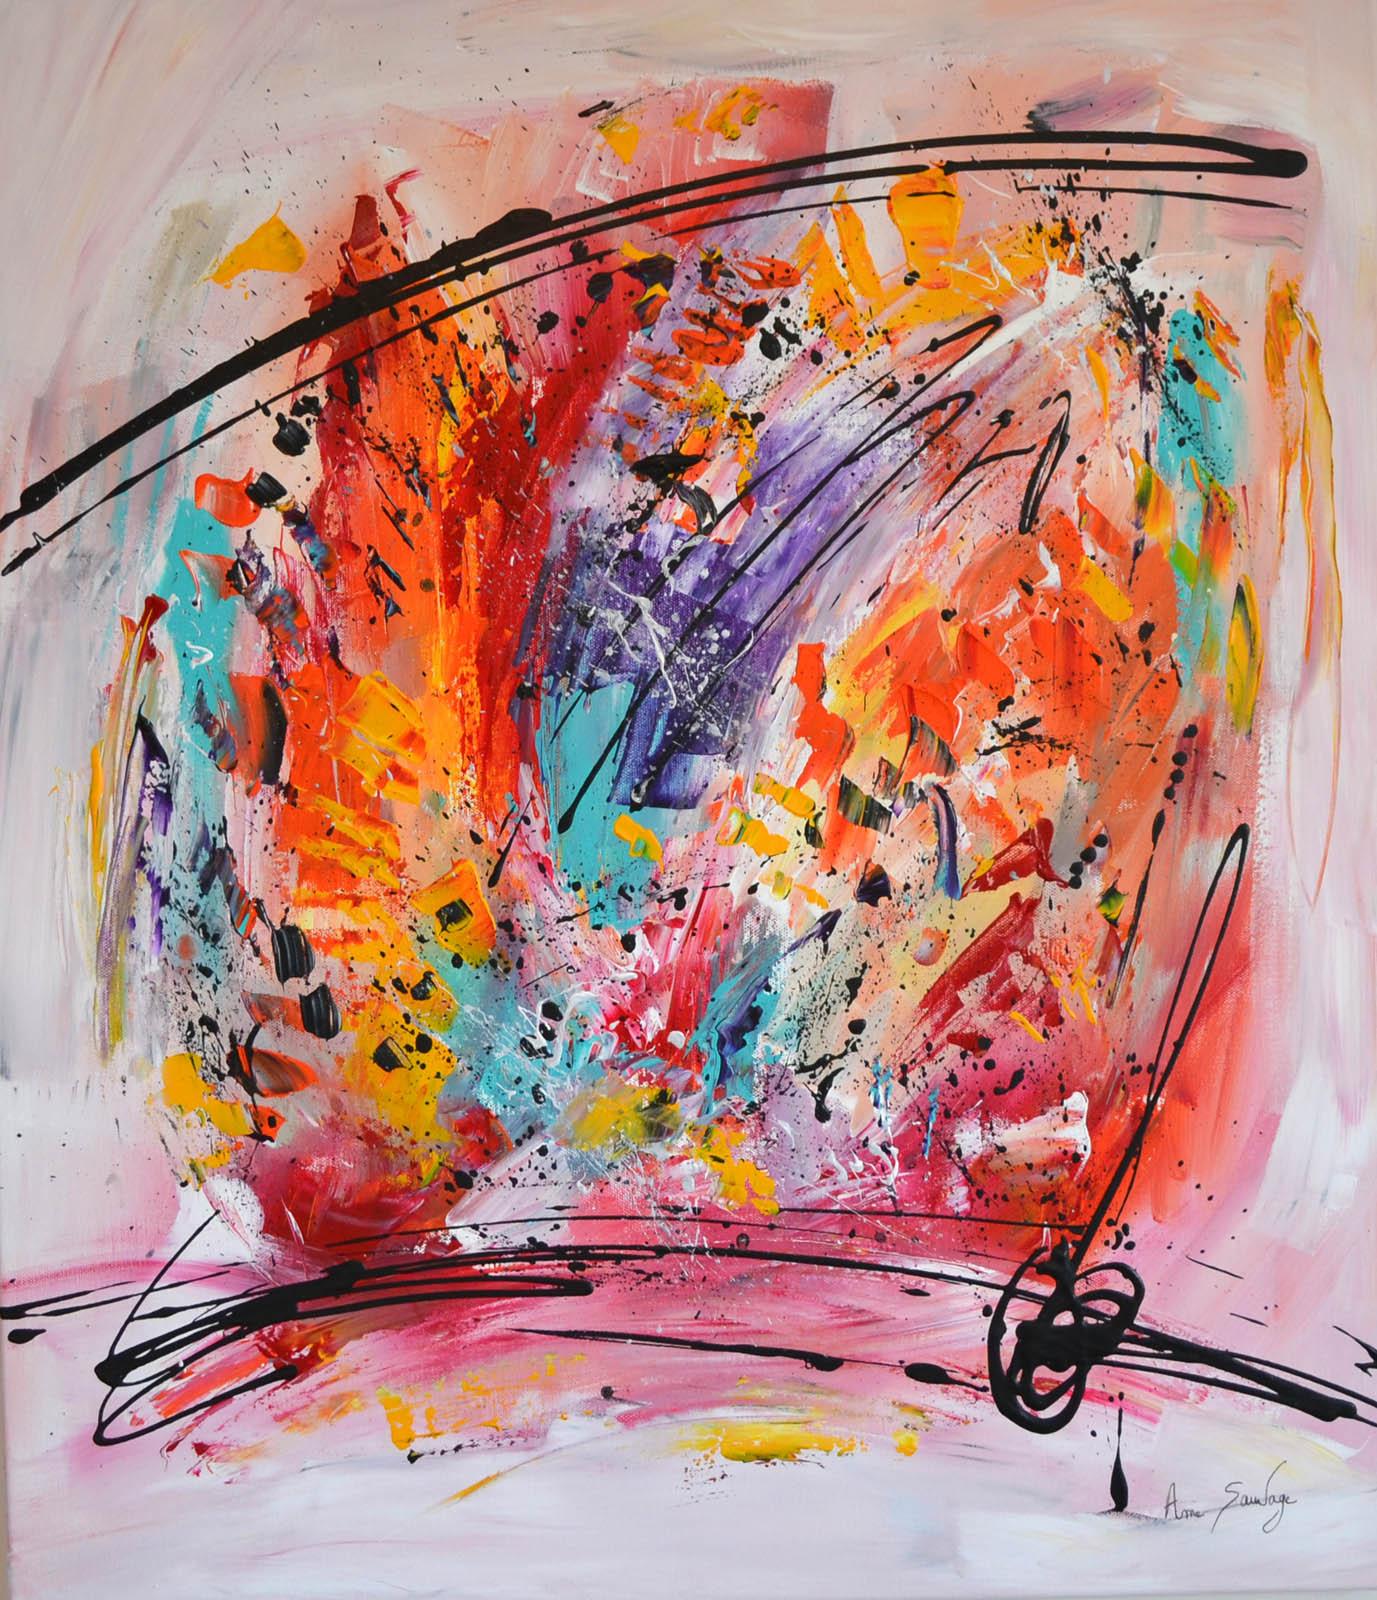 Tableau Multicolore Contemporain Abstrait destiné Tableau De Peintre Connu